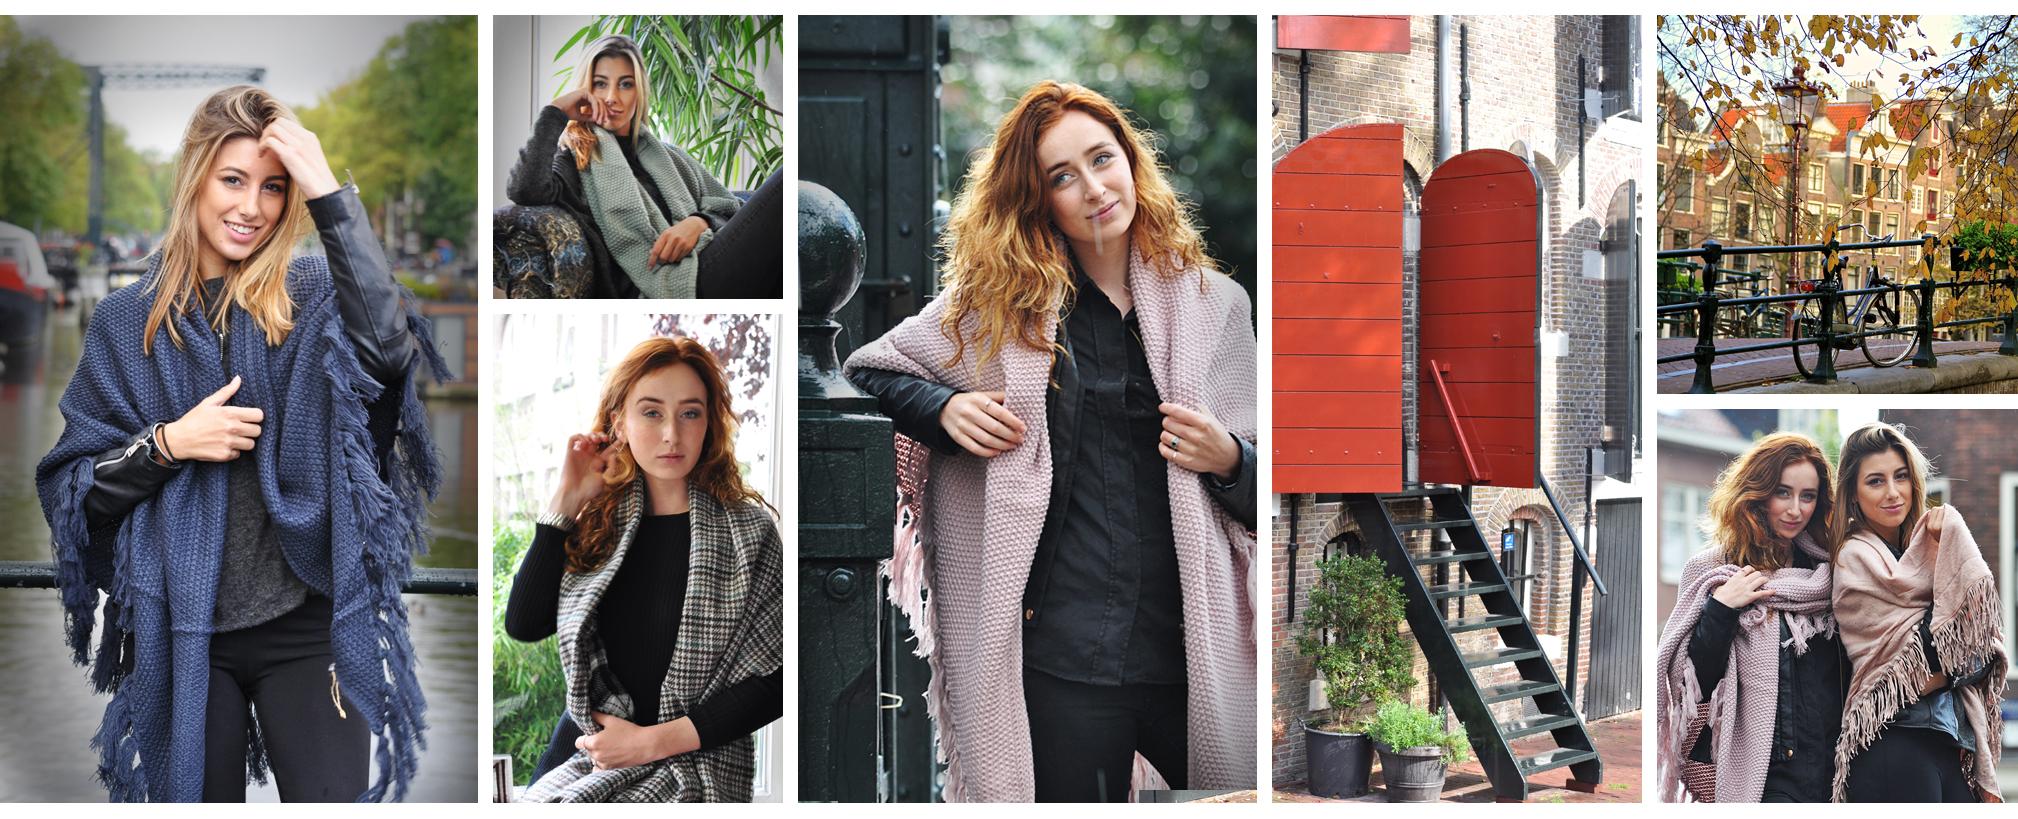 sjaalskopen-nl-winter-collectie-sjaals-omslagdoeken